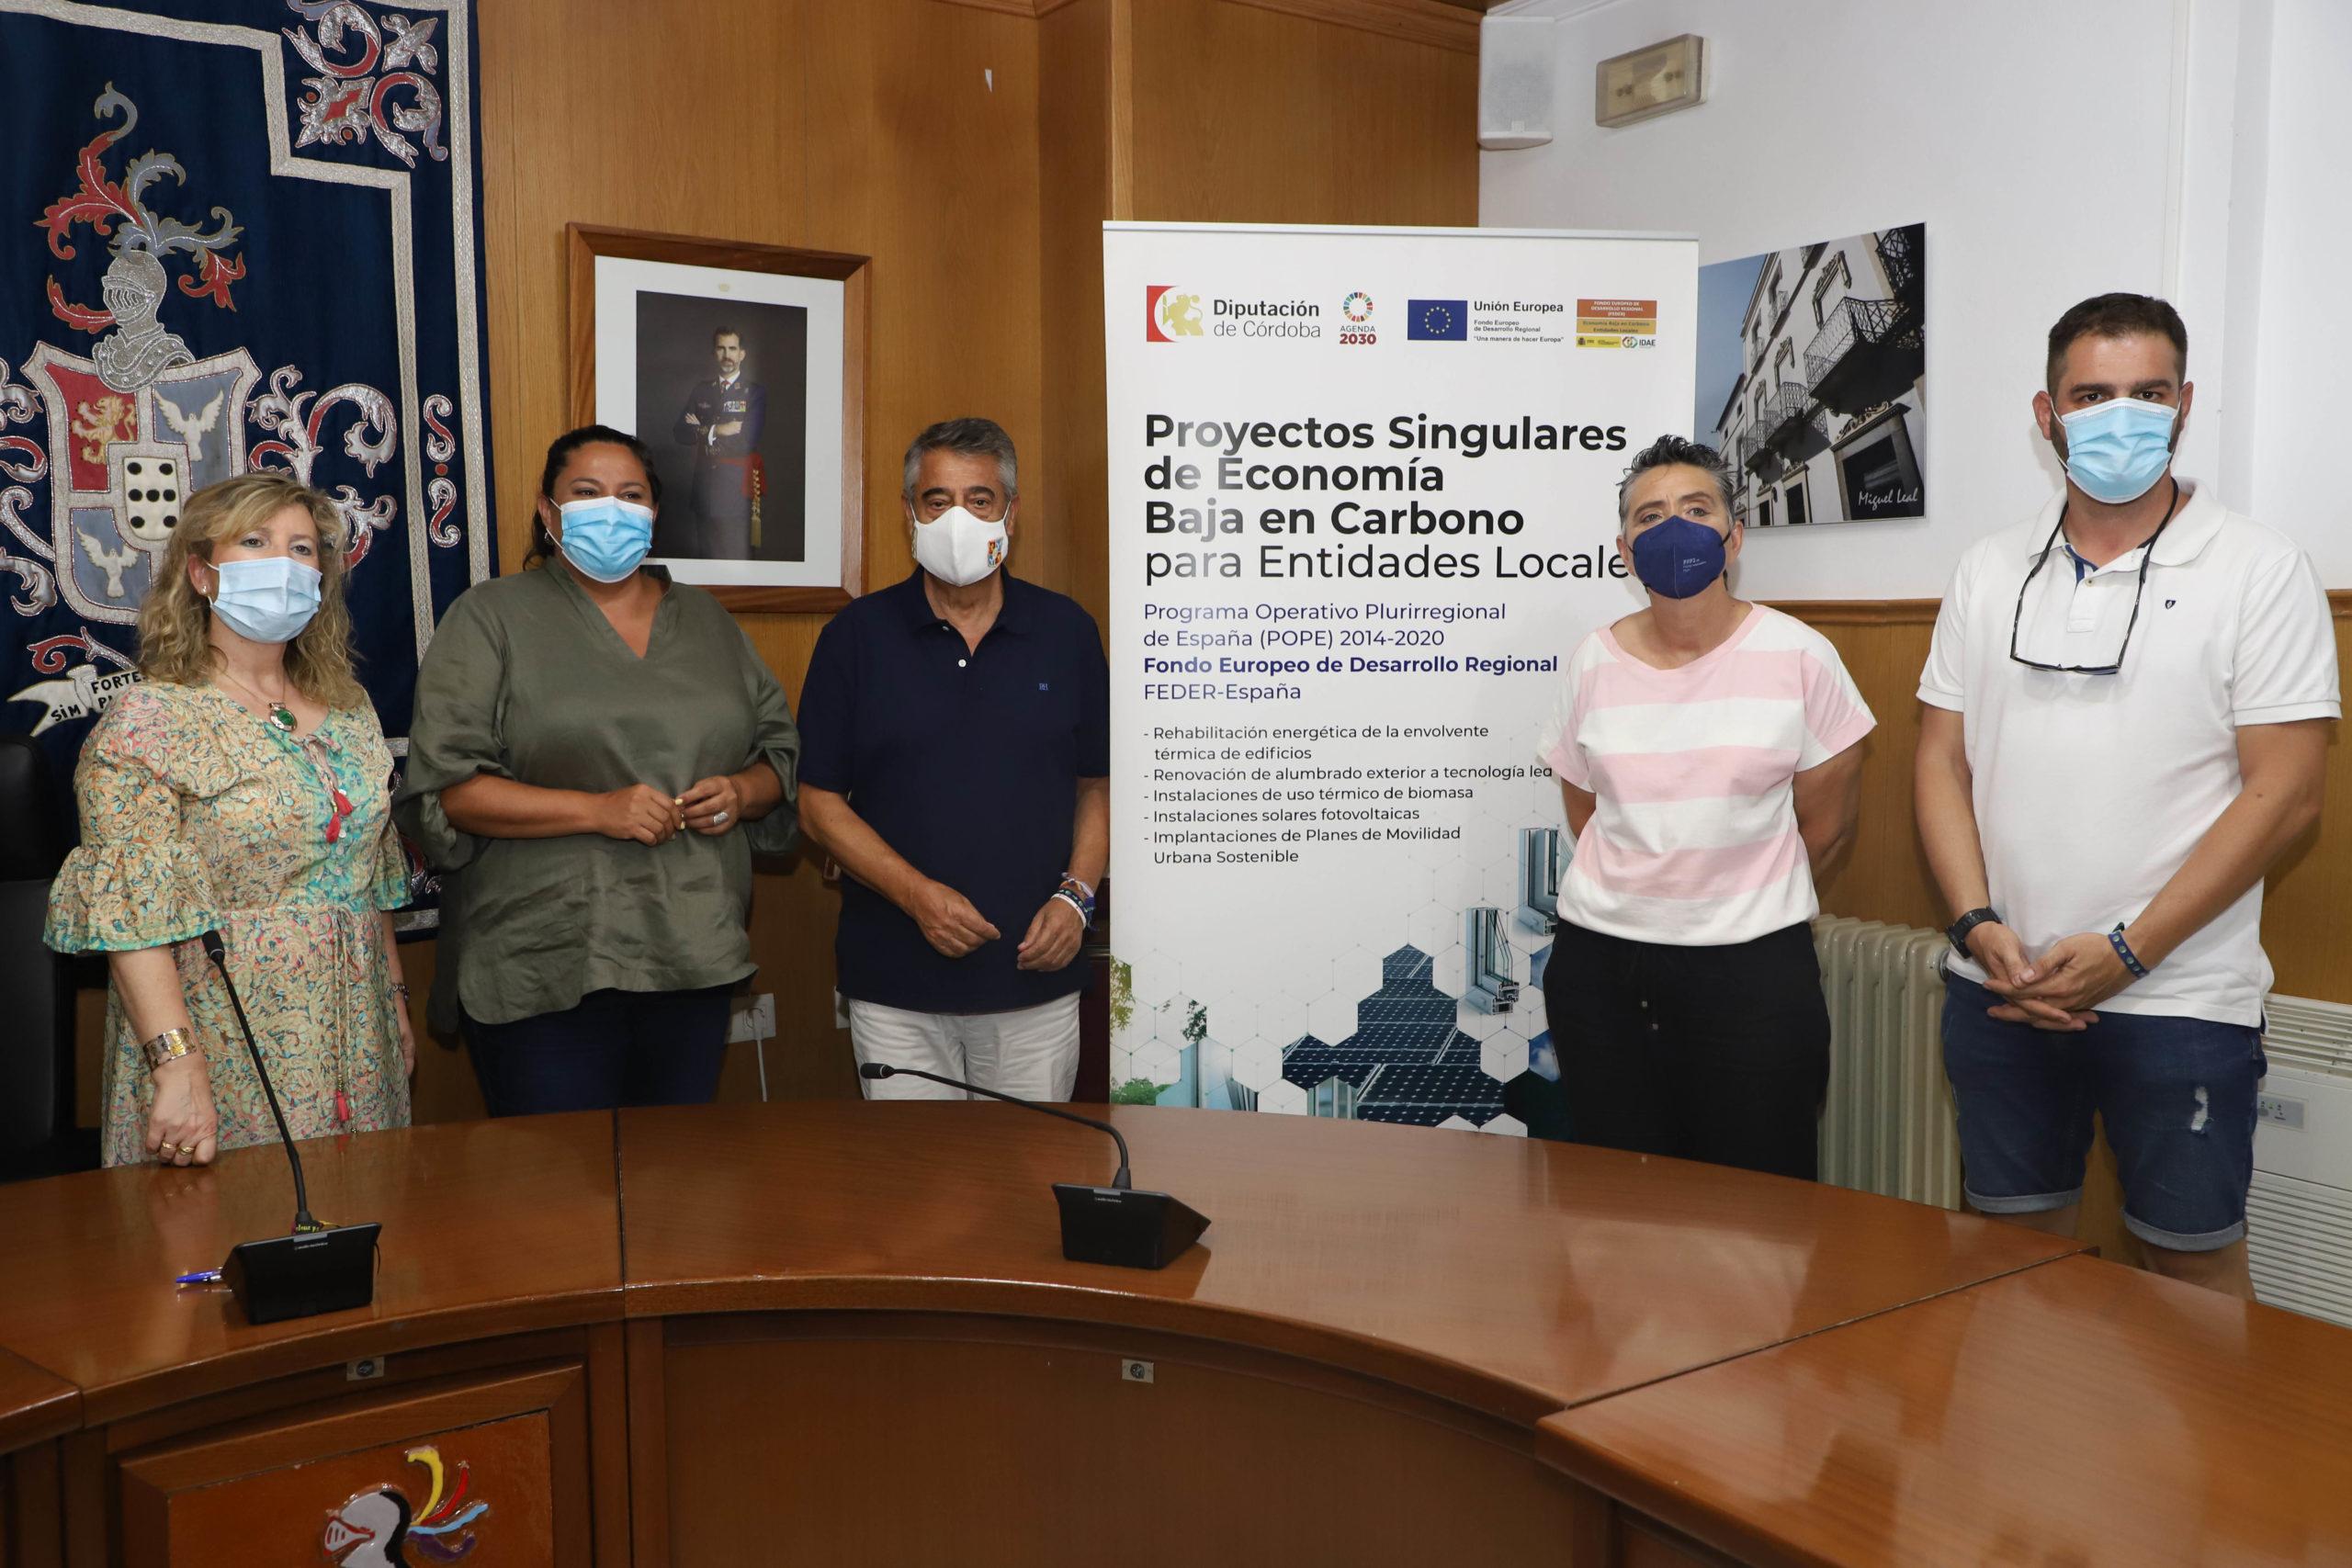 La Diputación consigue la tercera ayuda Feder para Hinojosa del Duque cuya inversión suma casi 1 millón de euros